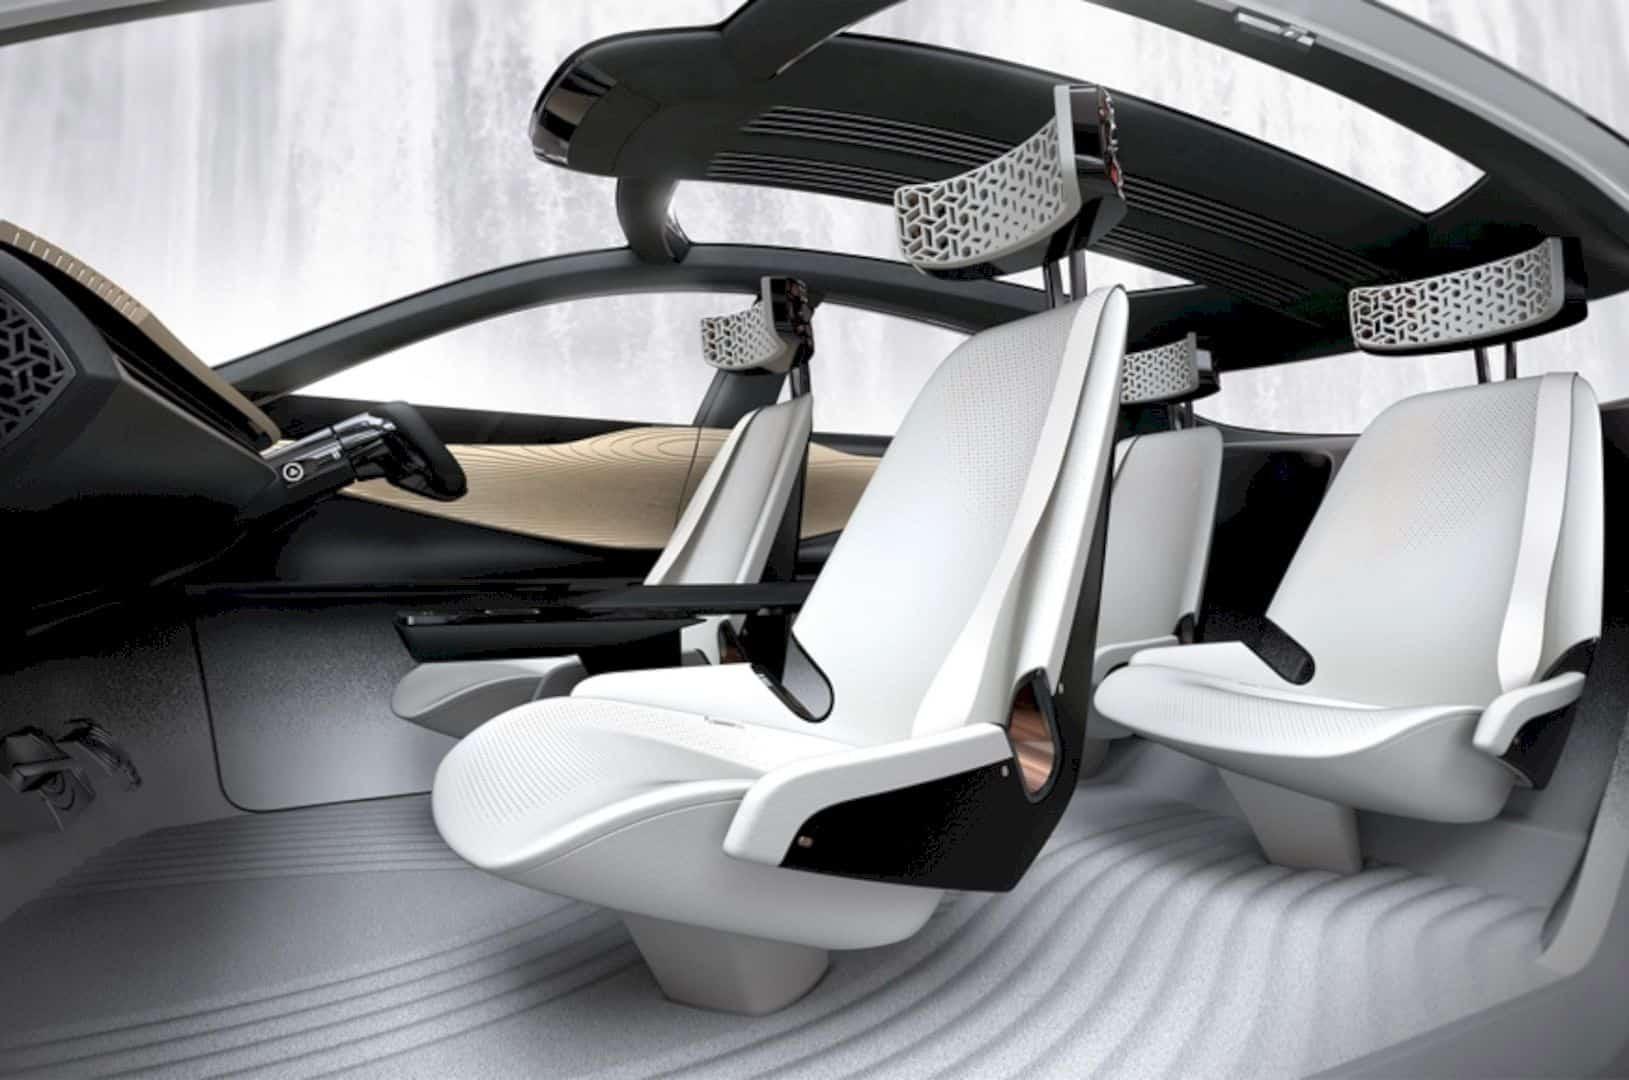 Nissan Imx Kuro 3